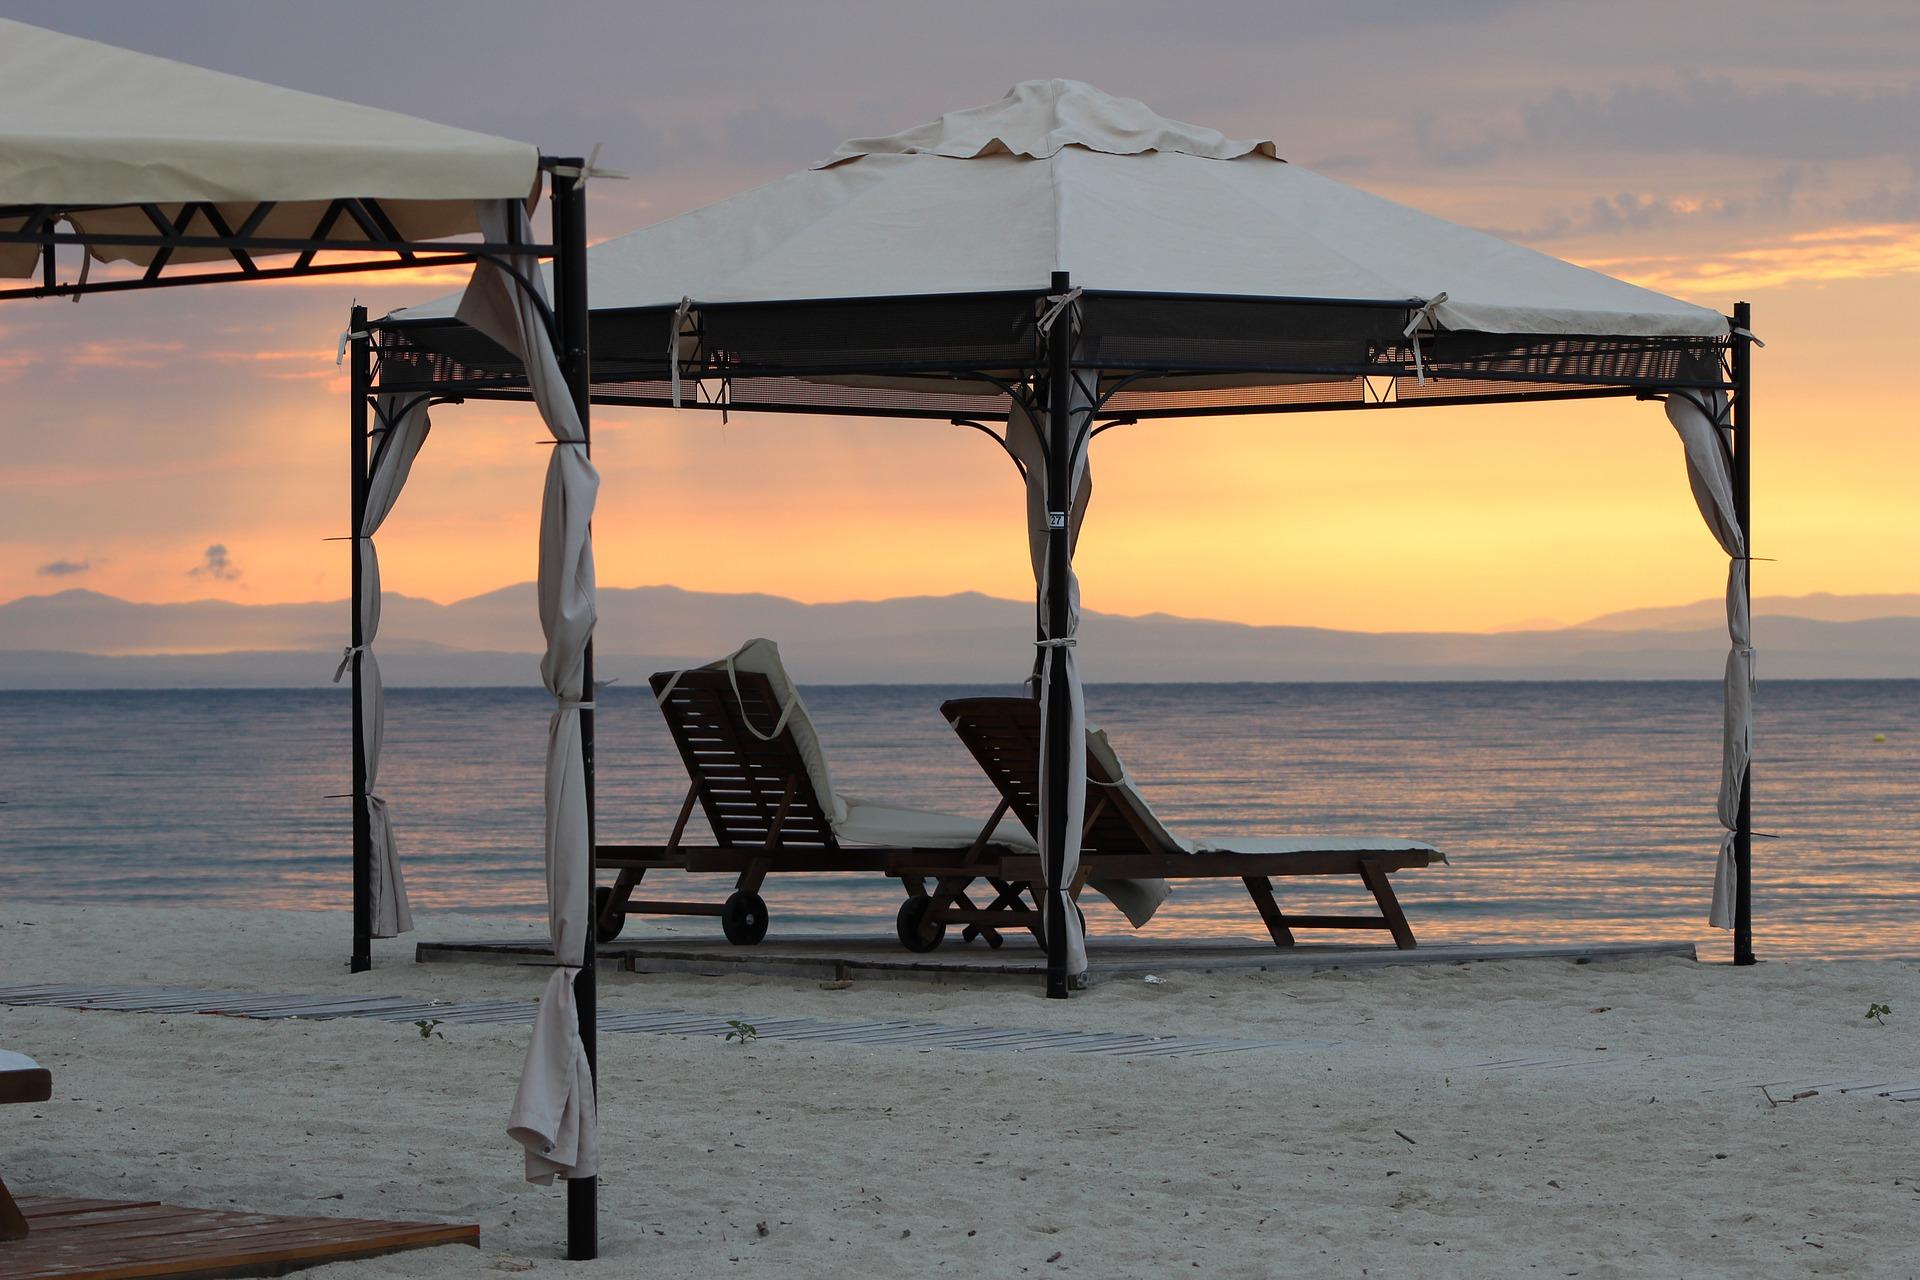 beach-820210_1920.jpg